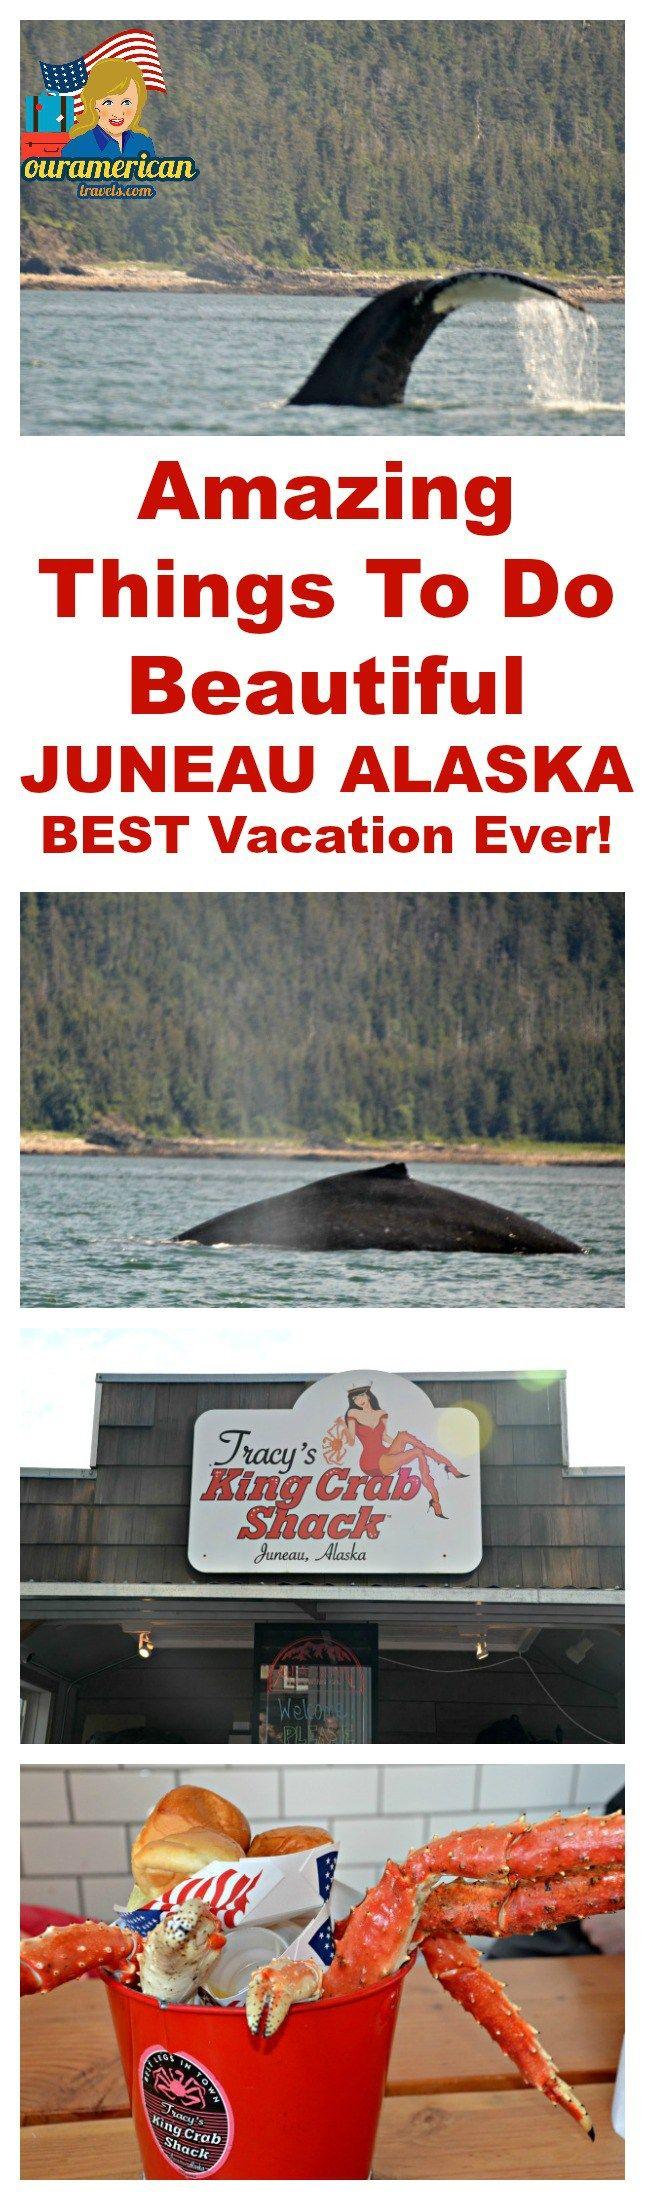 Amazing Things To Do Beautiful Juneau Alaska